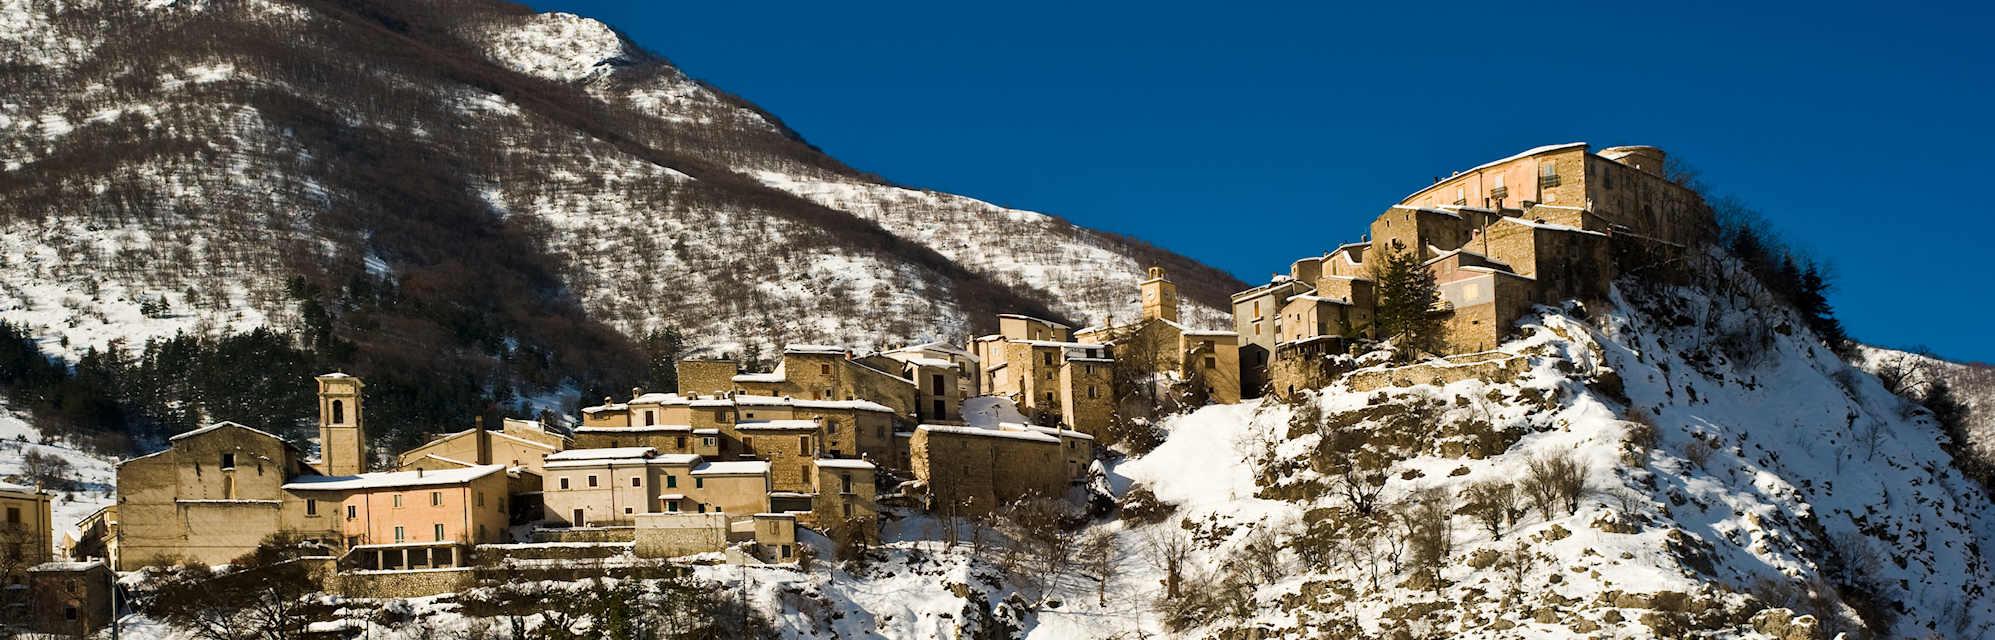 Il panorama del borgo innevato di Villalago